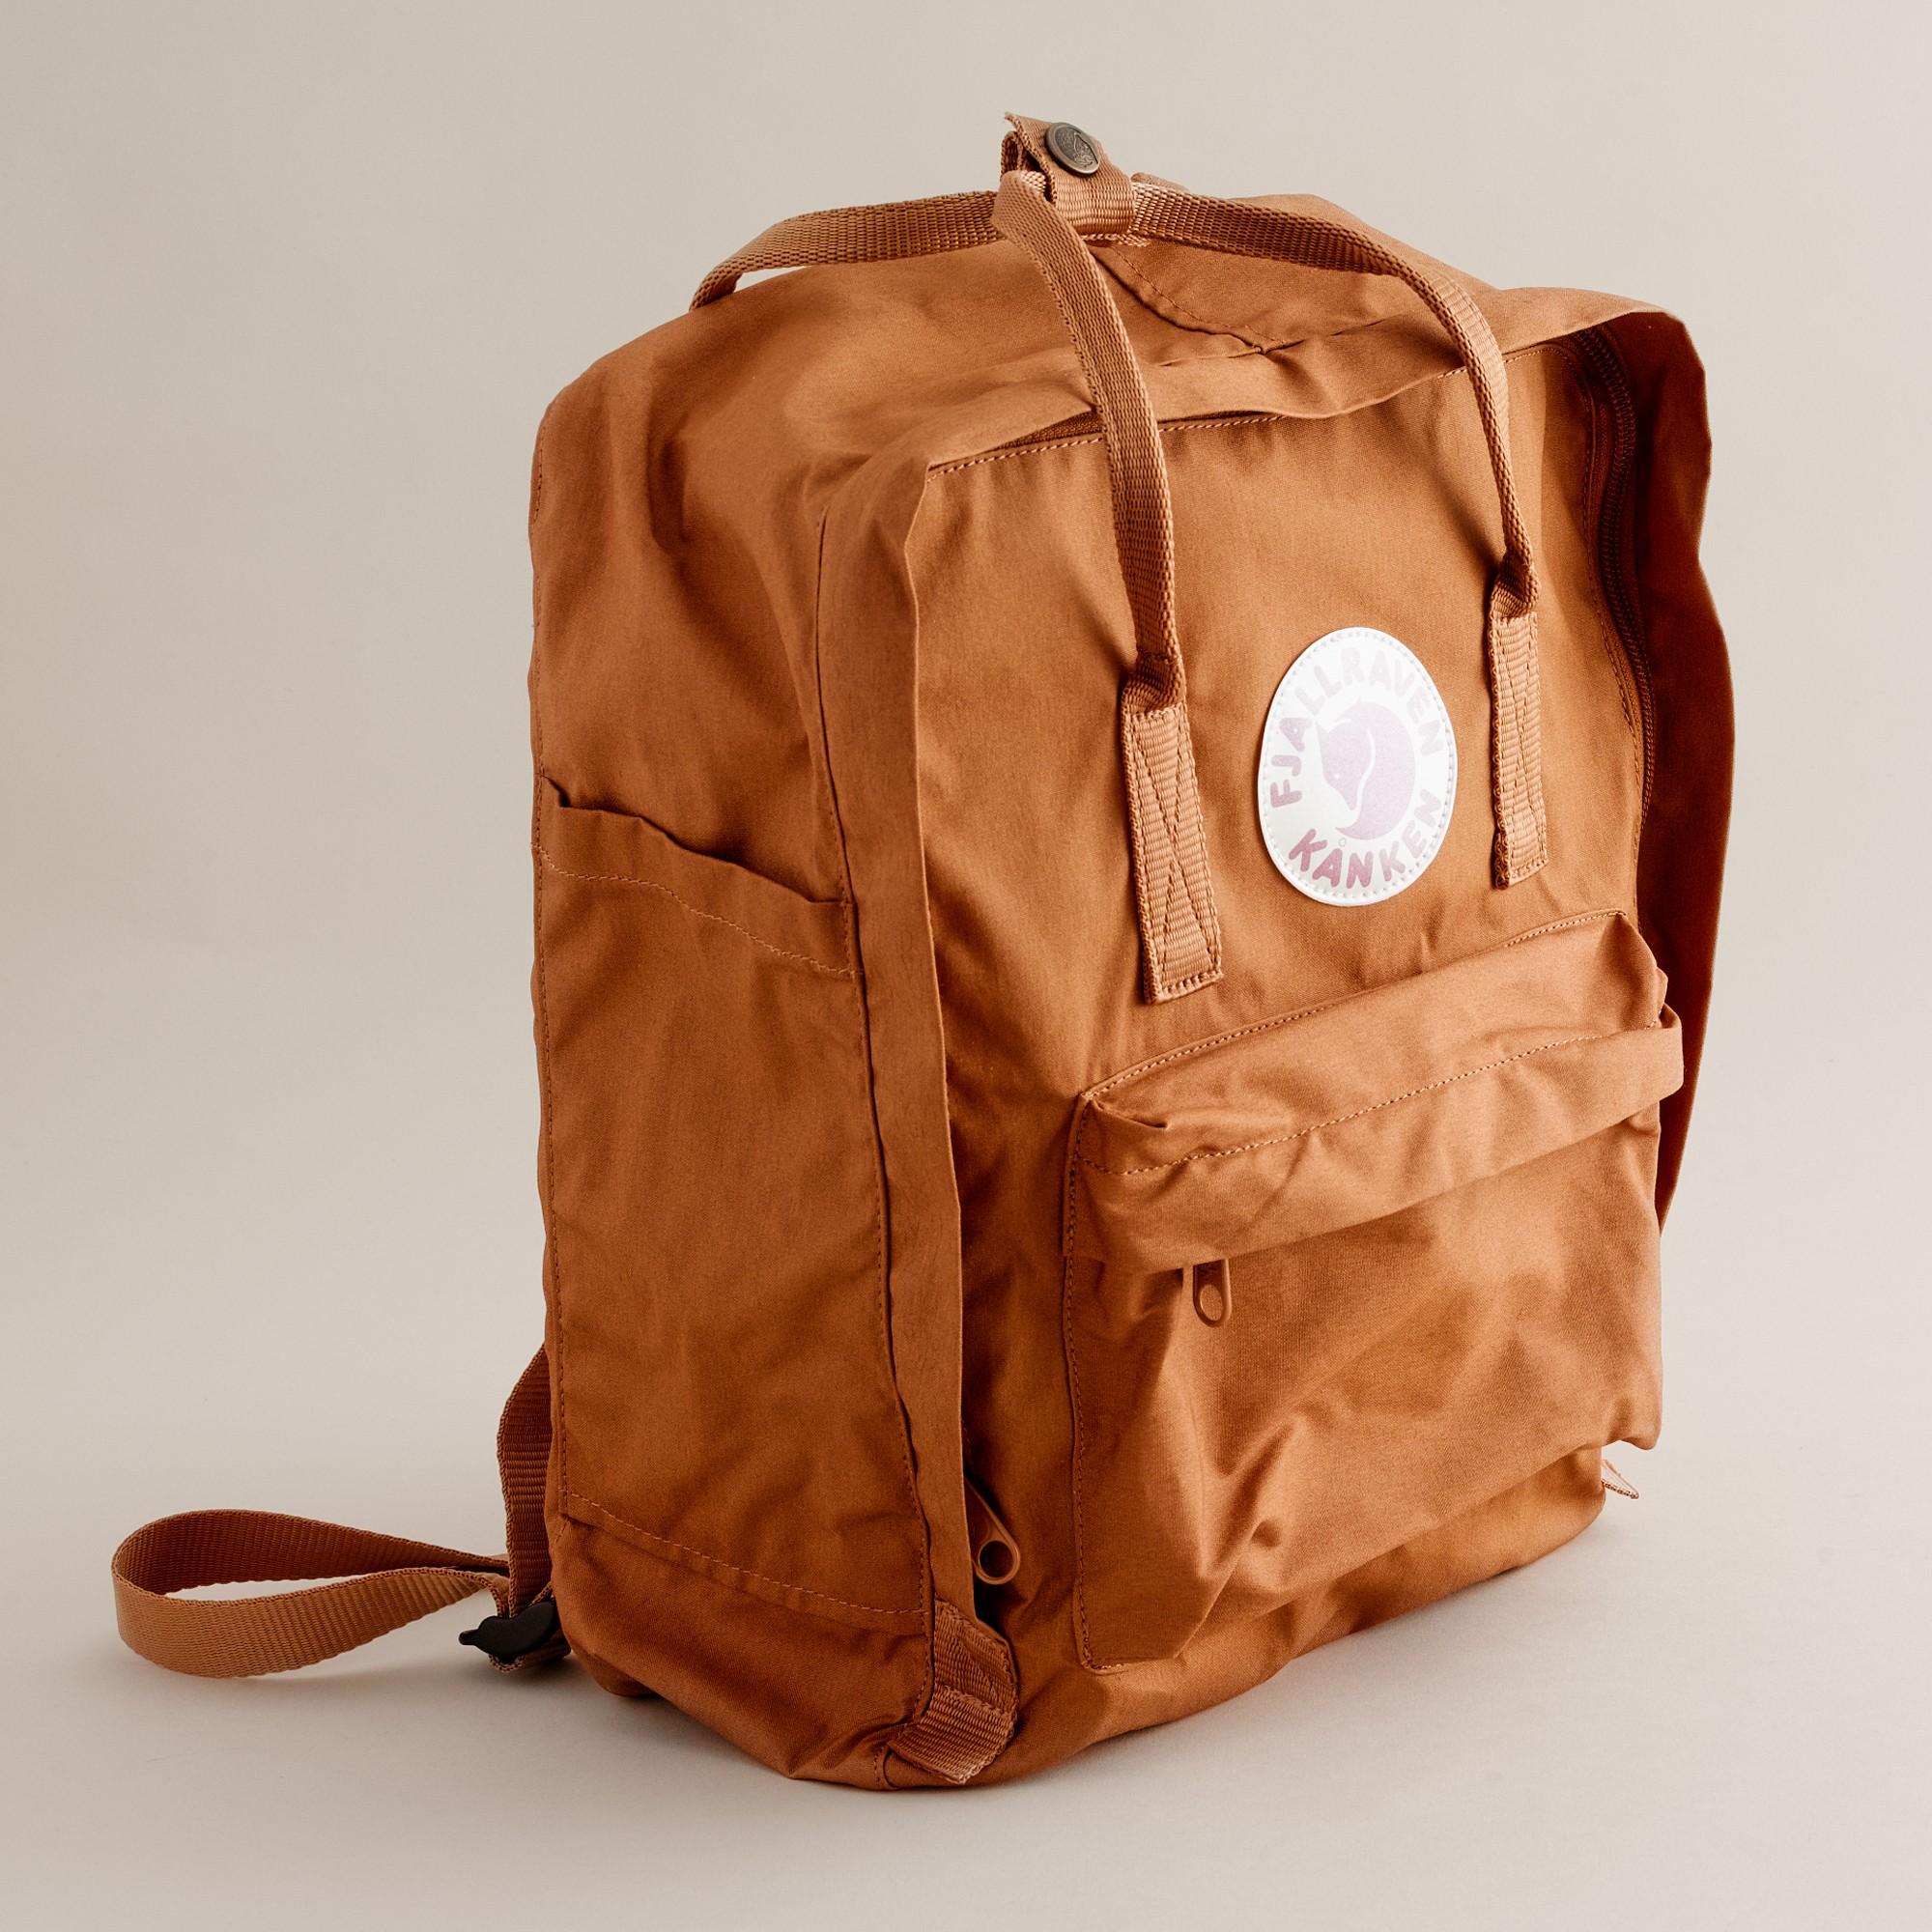 fjällräven classic kanken backpack